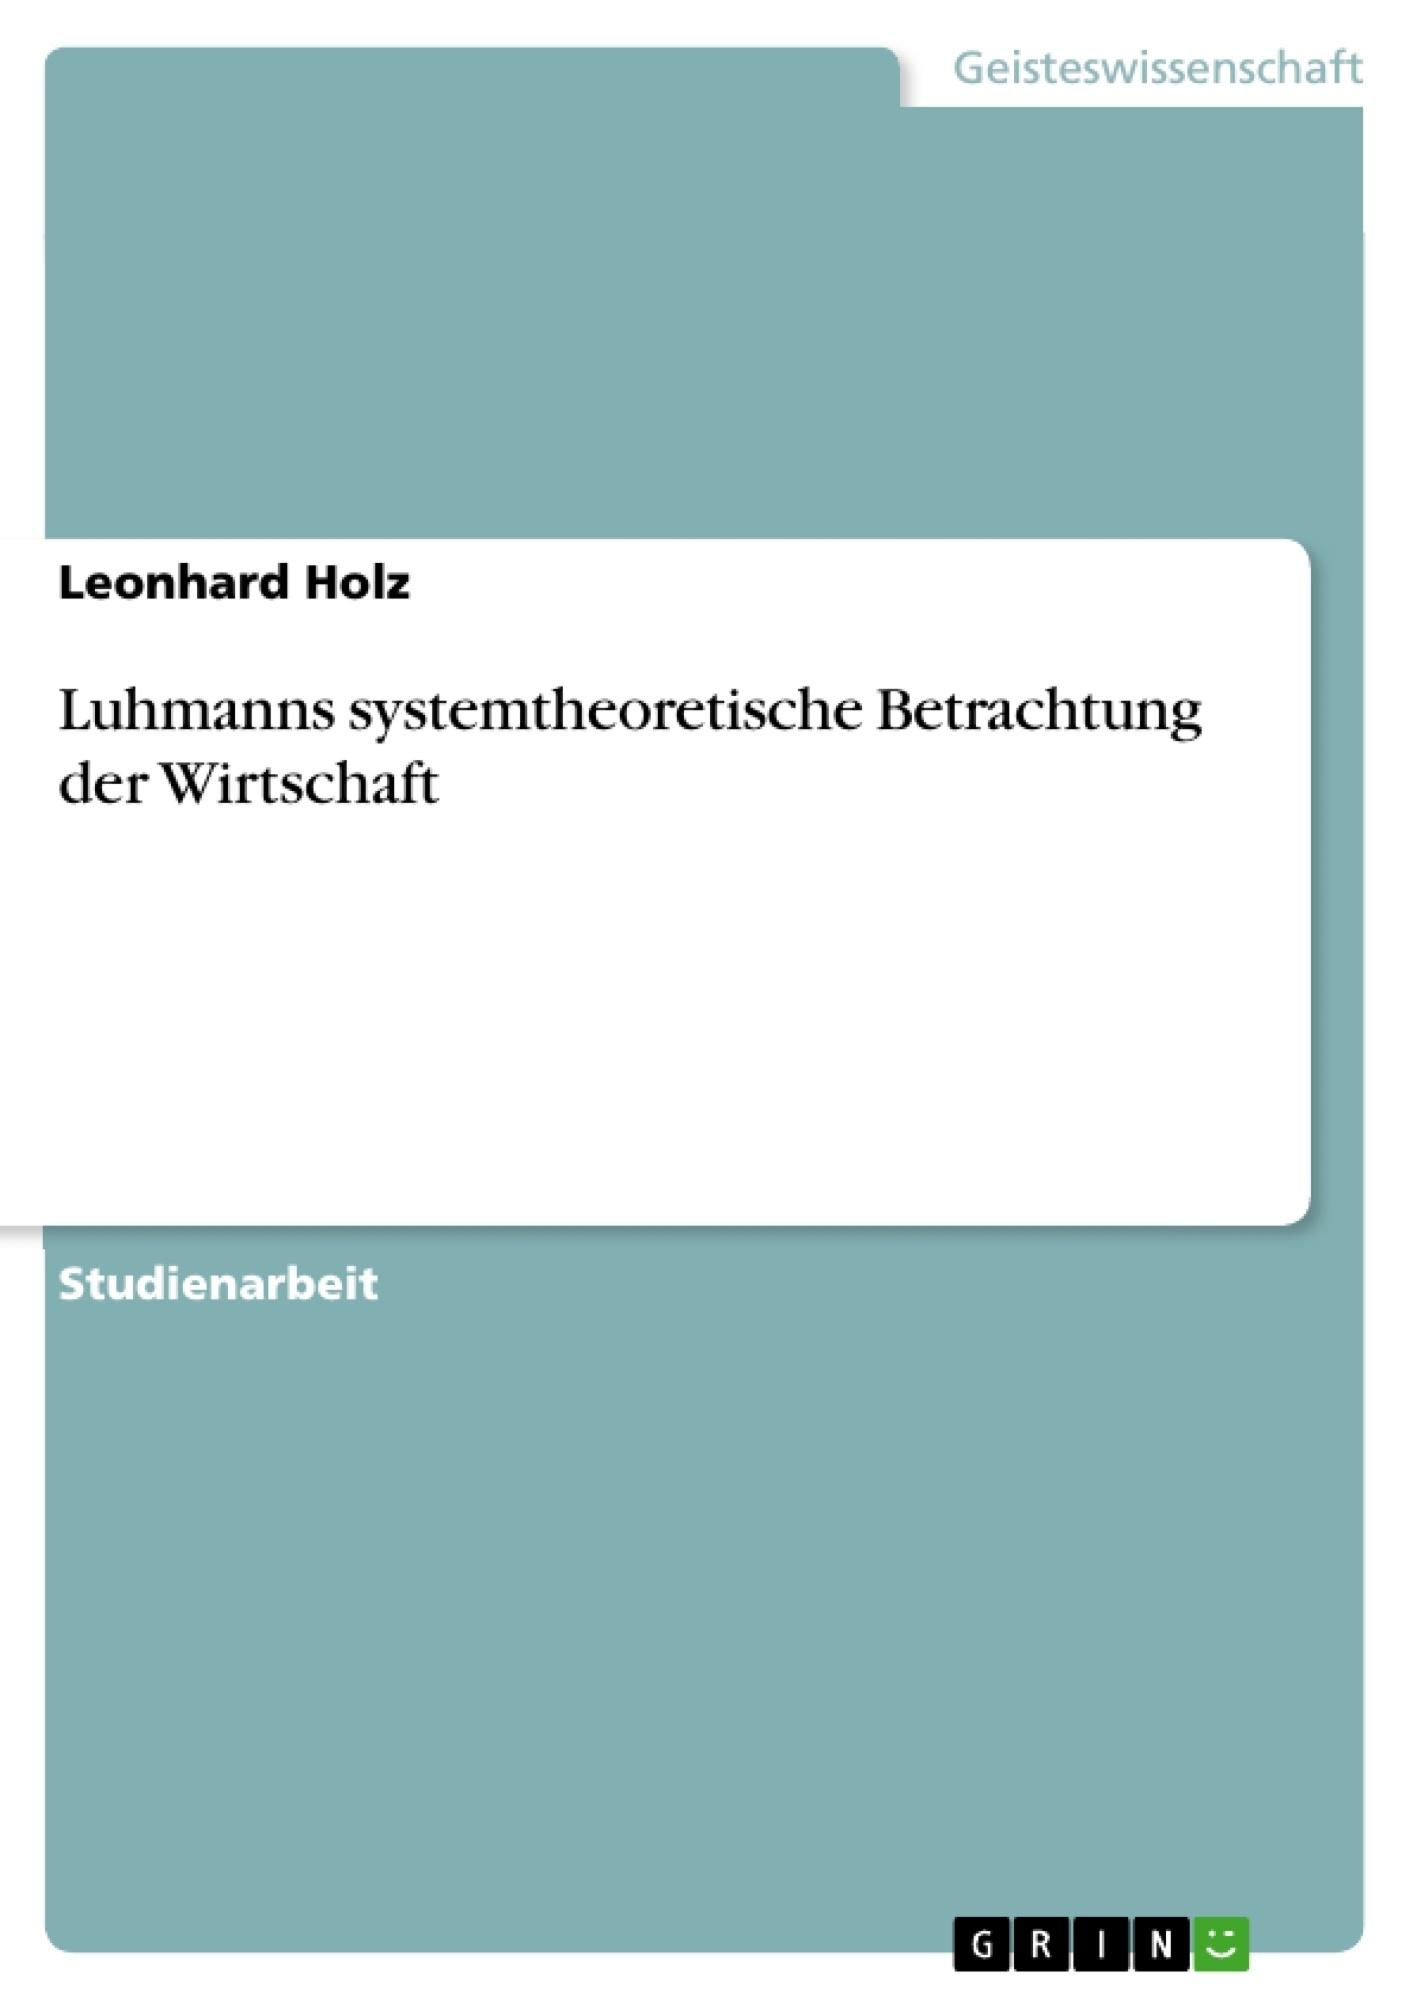 Titel: Luhmanns systemtheoretische Betrachtung der Wirtschaft